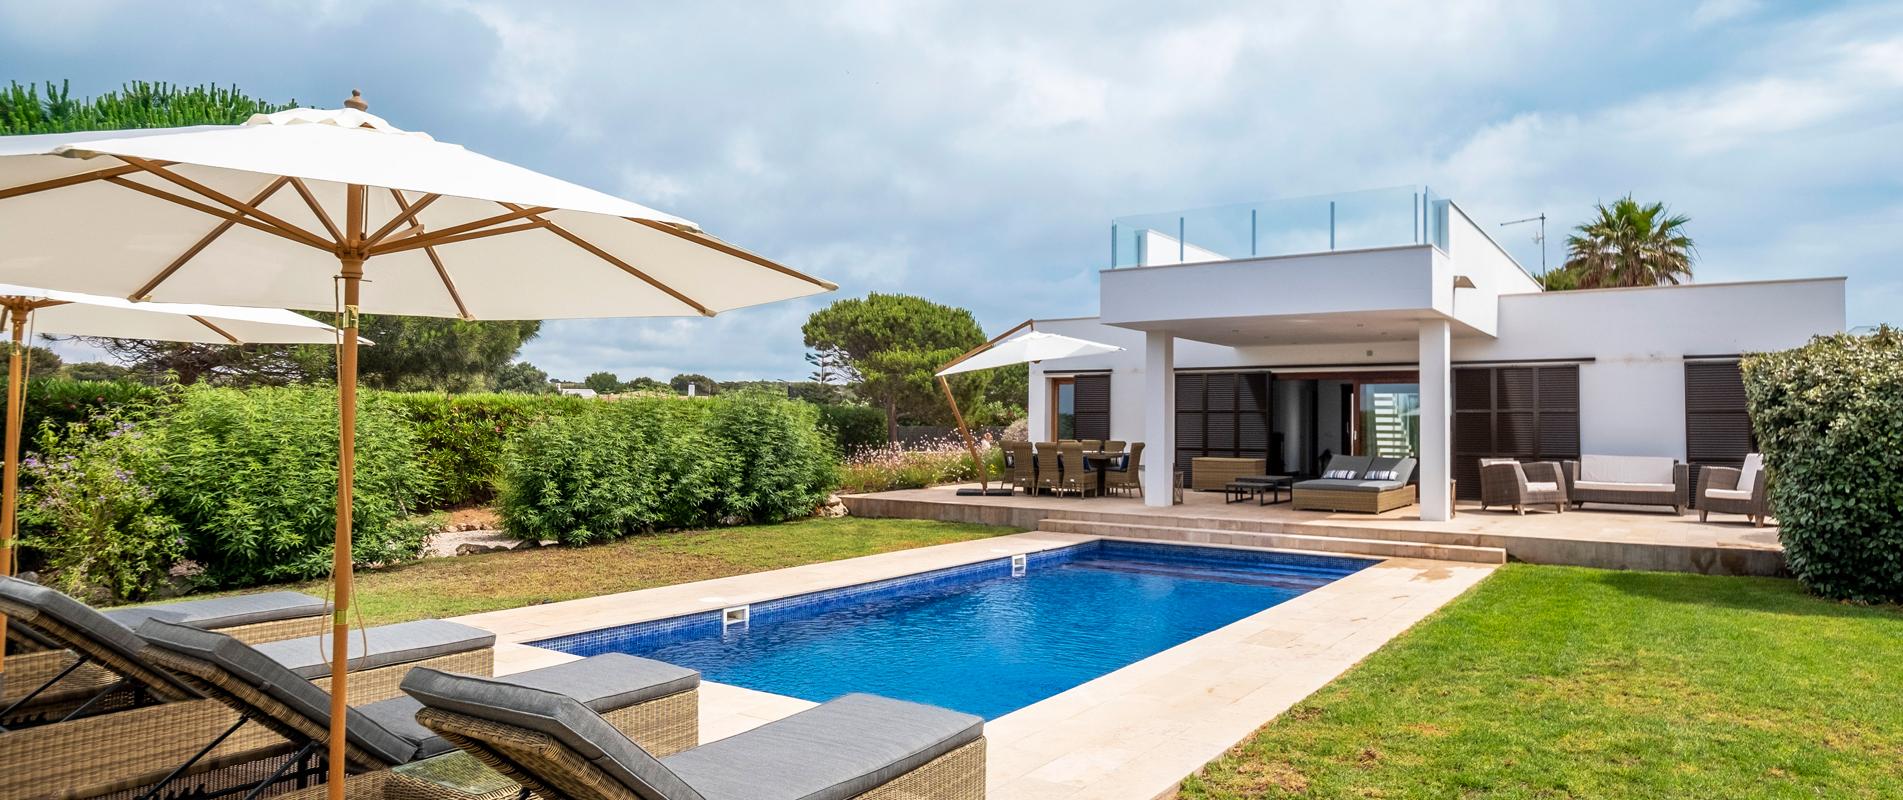 Best Beach Villas in Menorca